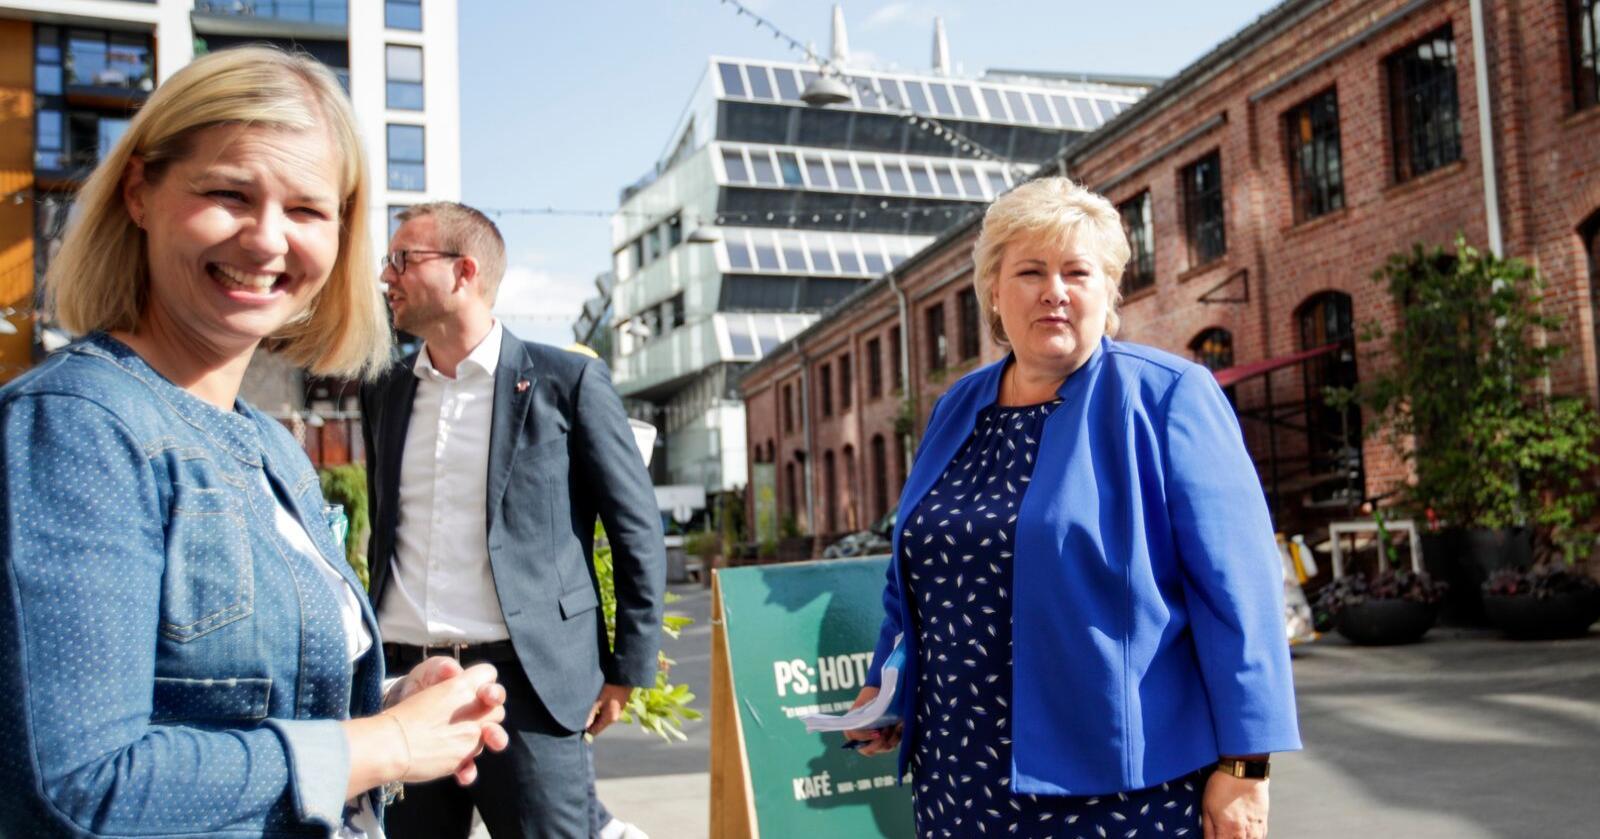 Høyre-leder Erna Solberg, Venstre-leder Guri Melby og KrF-leder Kjell Ingolf Ropstad lanserer ti grep for å skape arbeidsplasser og sikre at flere får jobb. Foto: Javad M. Parsa / NTB